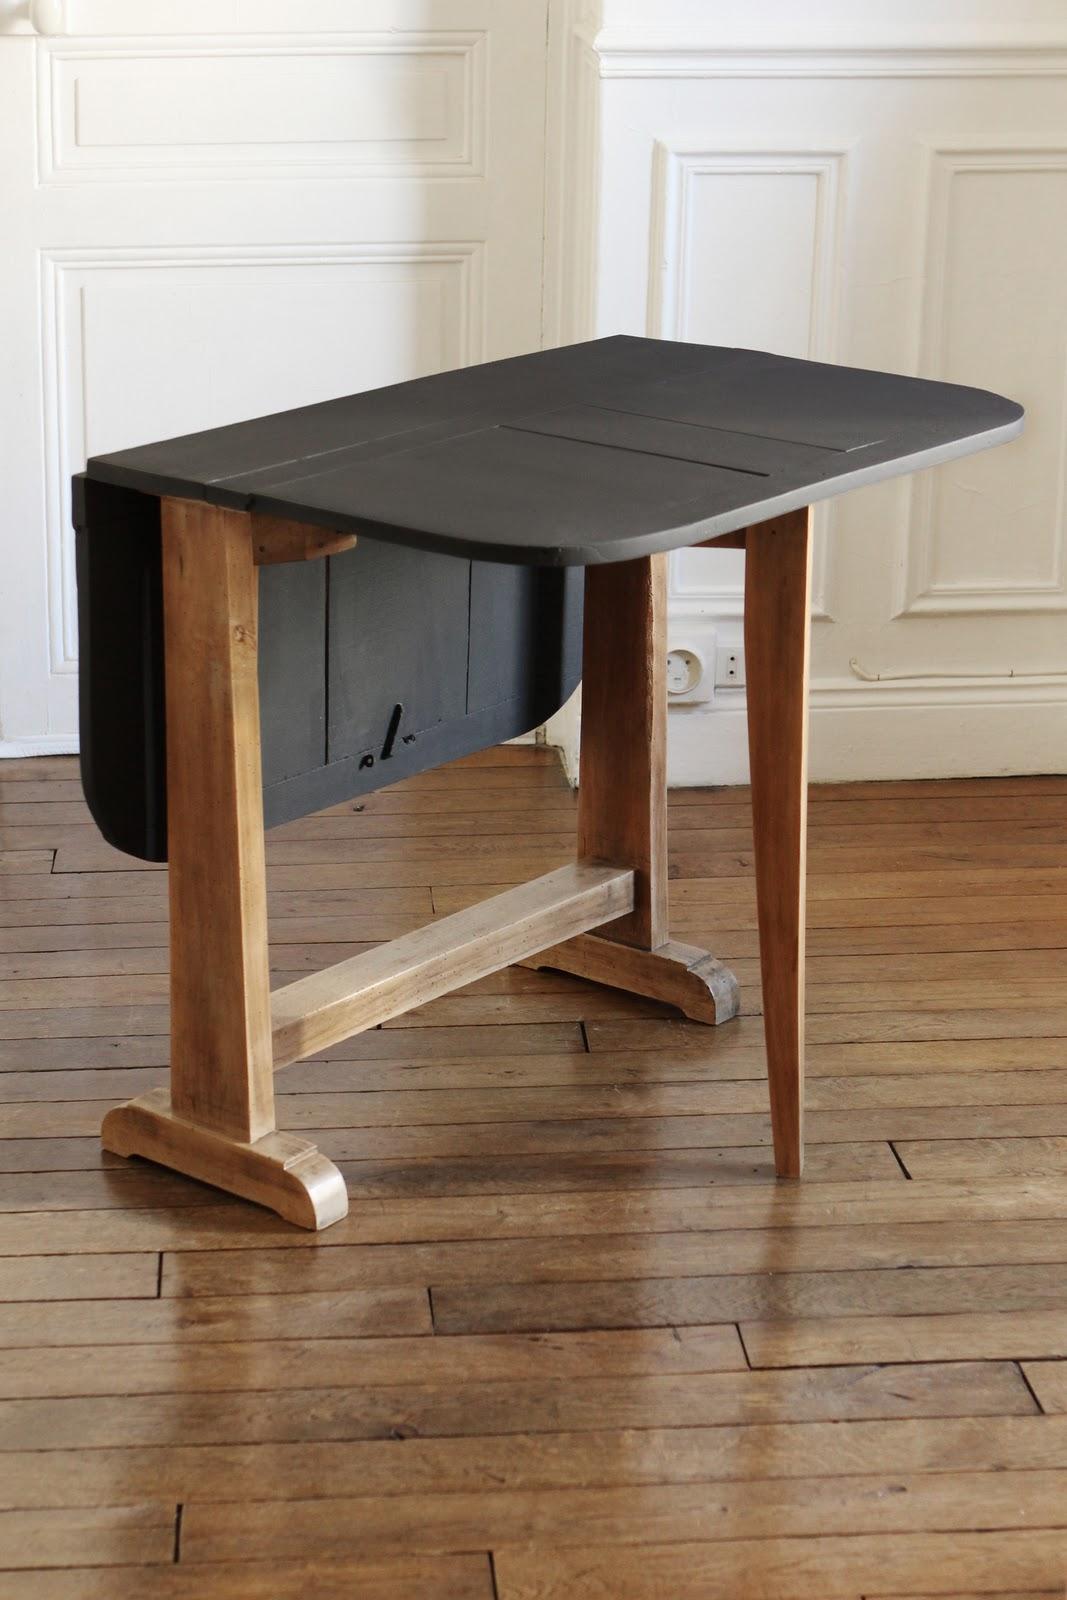 de derri re les fagots la table manger pliante 300 euros vendue. Black Bedroom Furniture Sets. Home Design Ideas